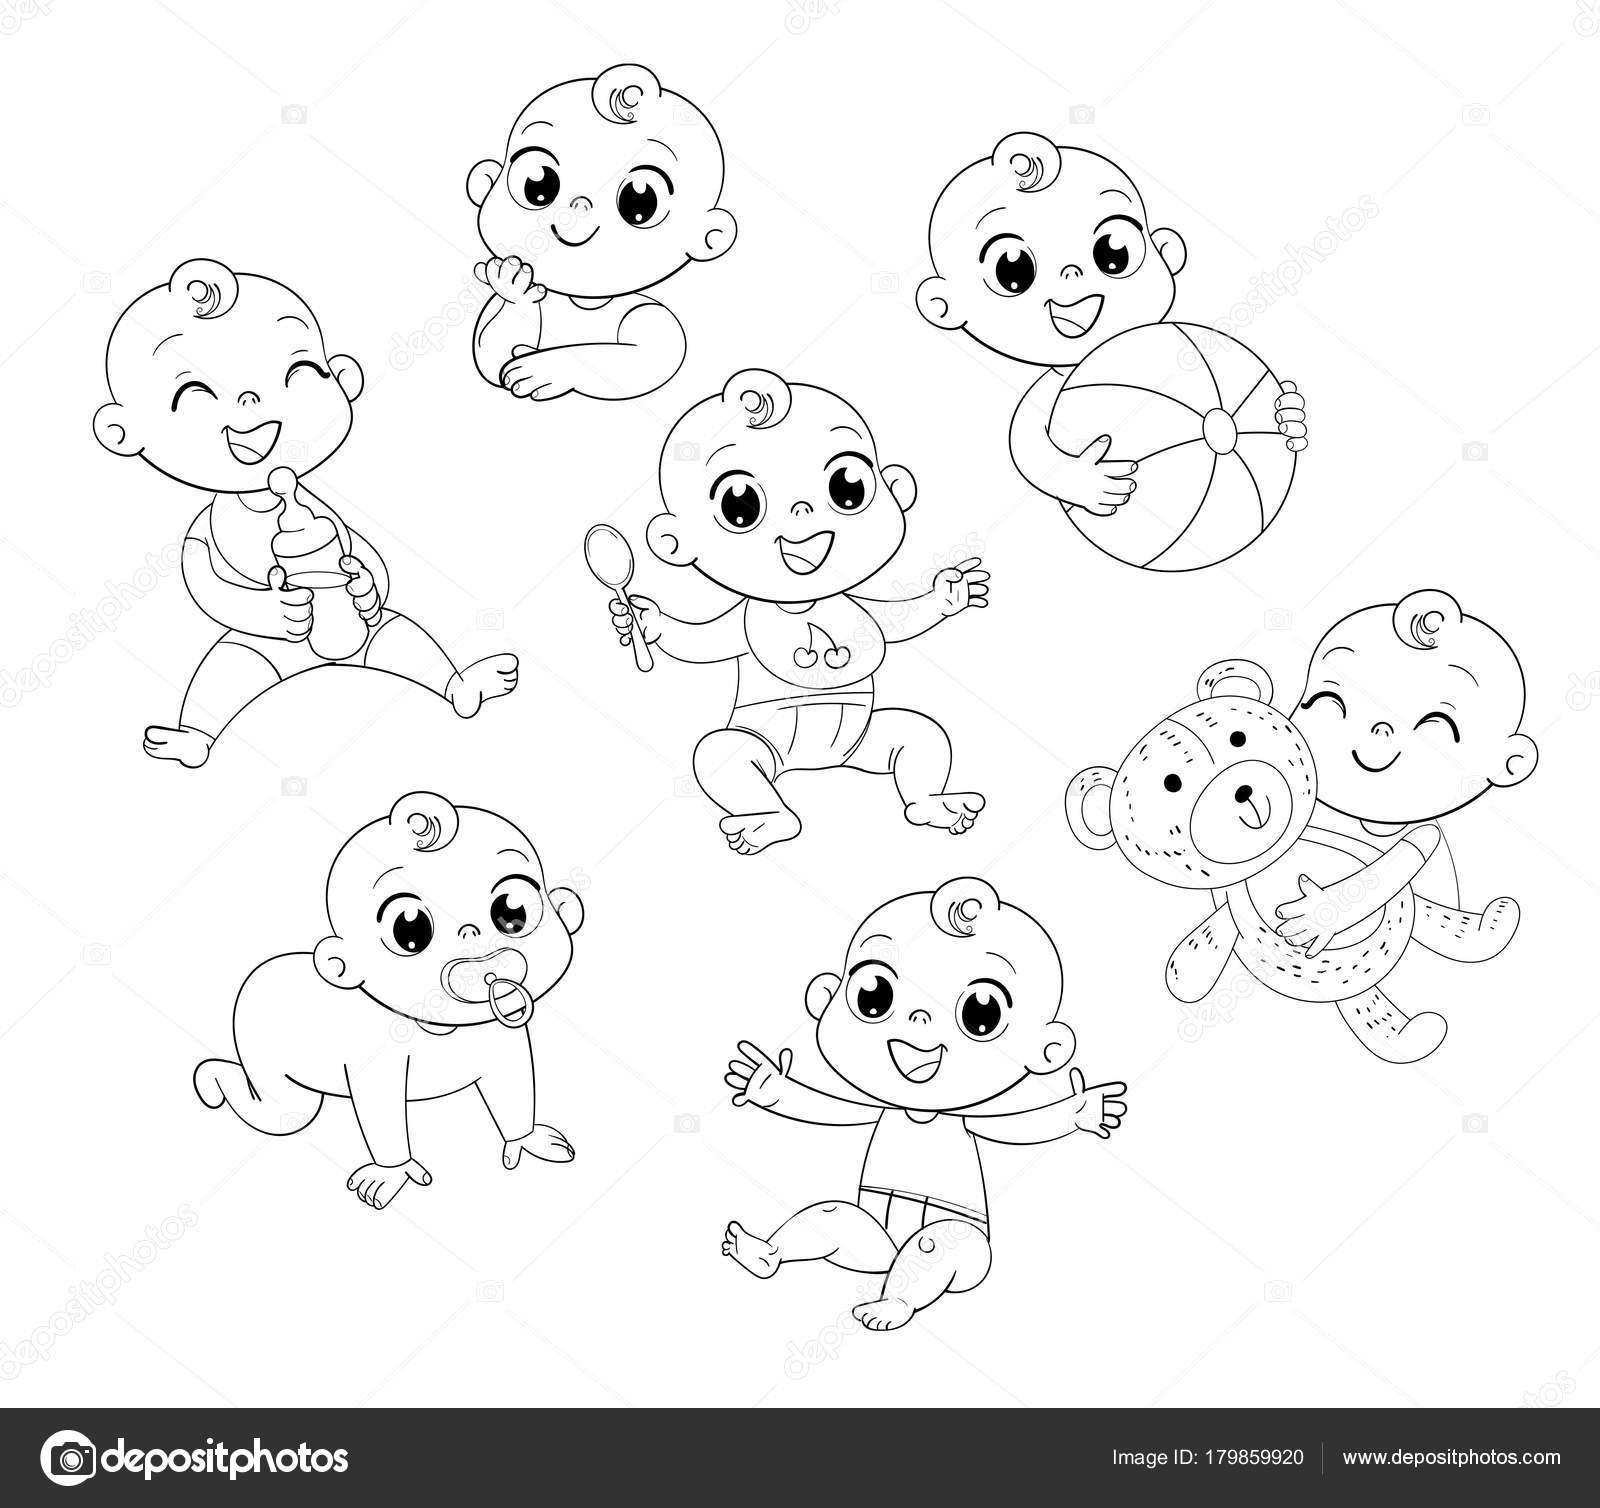 Dibujos Dibujo De Bebe Recien Nacido Para Colorear Con